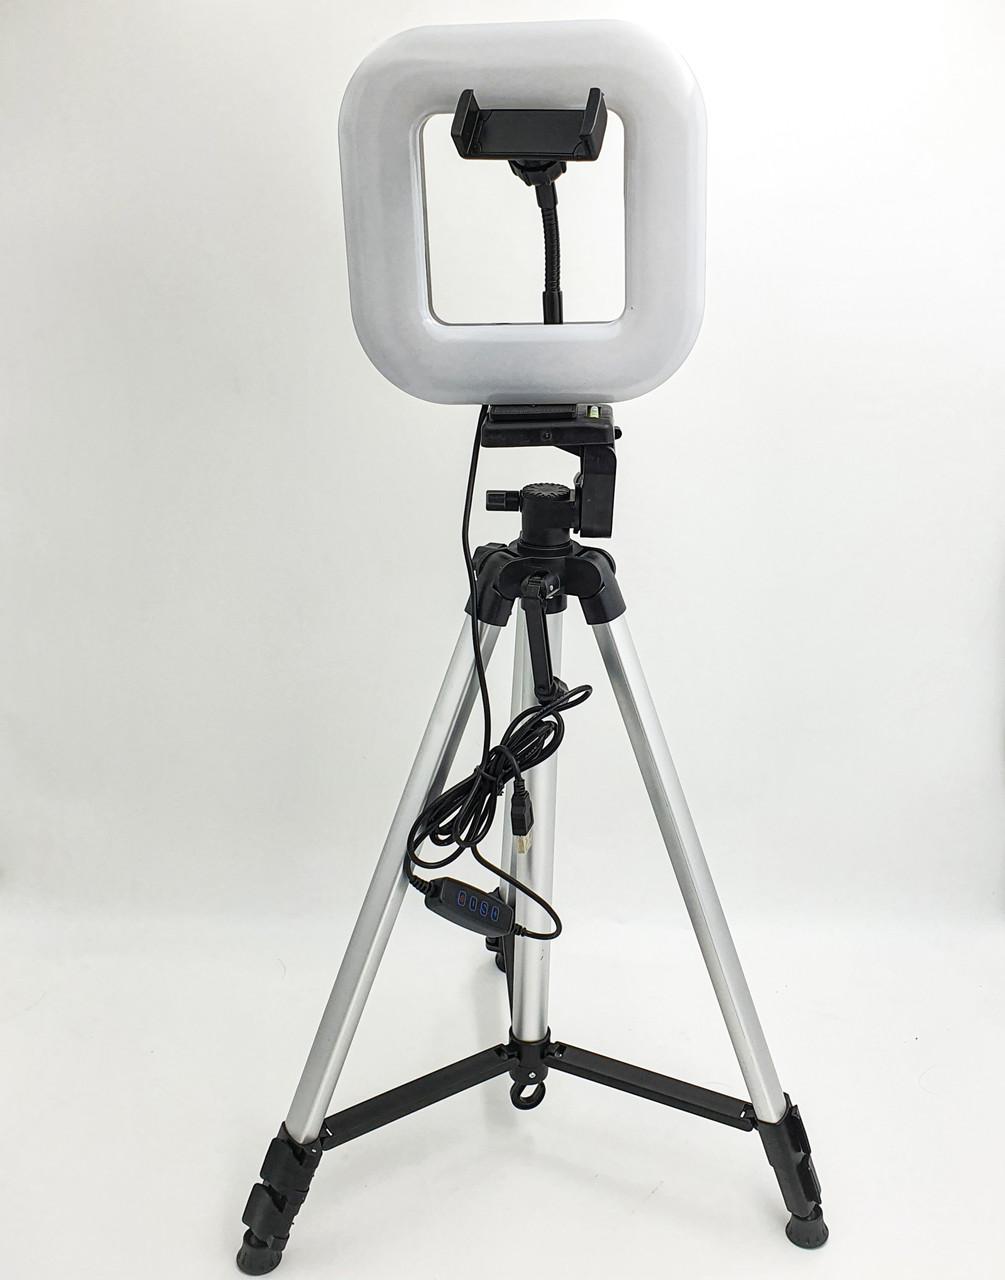 Набір блогера 2в1 квадратна LED лампа 18 см 12W з тримачем телефону і Штатив 135см селфи кільце регулювання яскравості і температури світіння D21